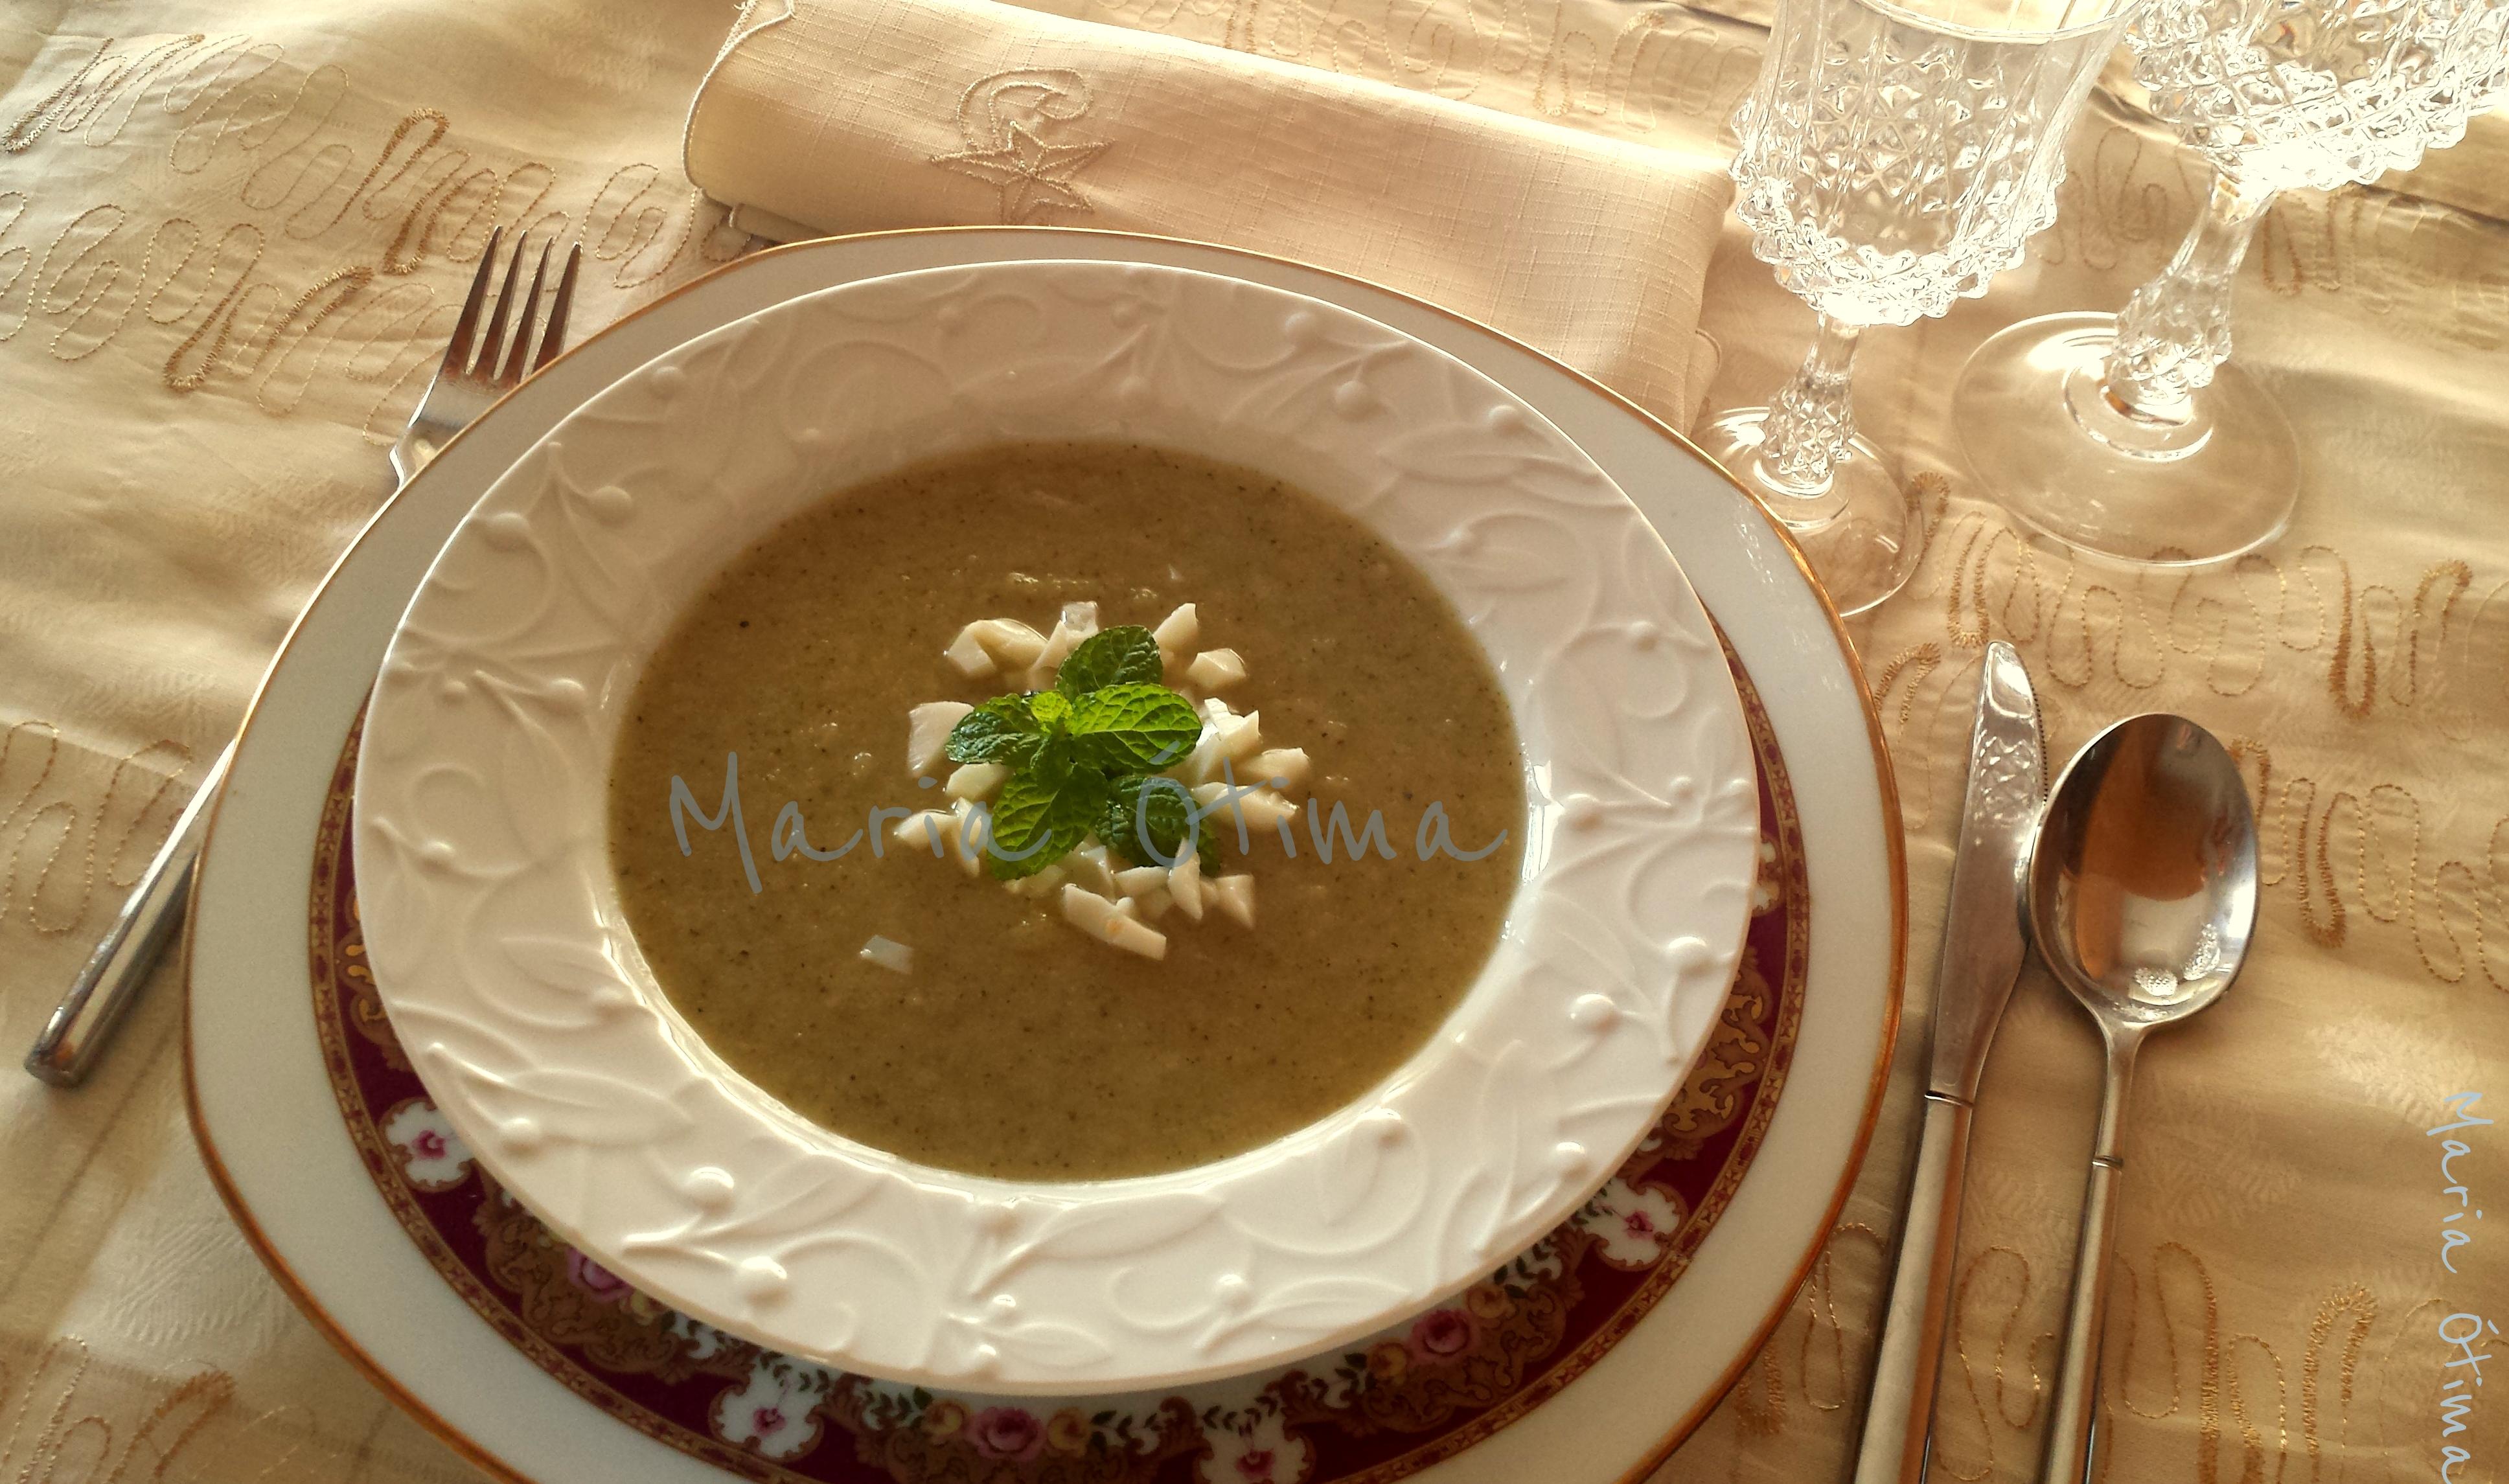 Sopa de Bróculos e leite 2jpg.jpg